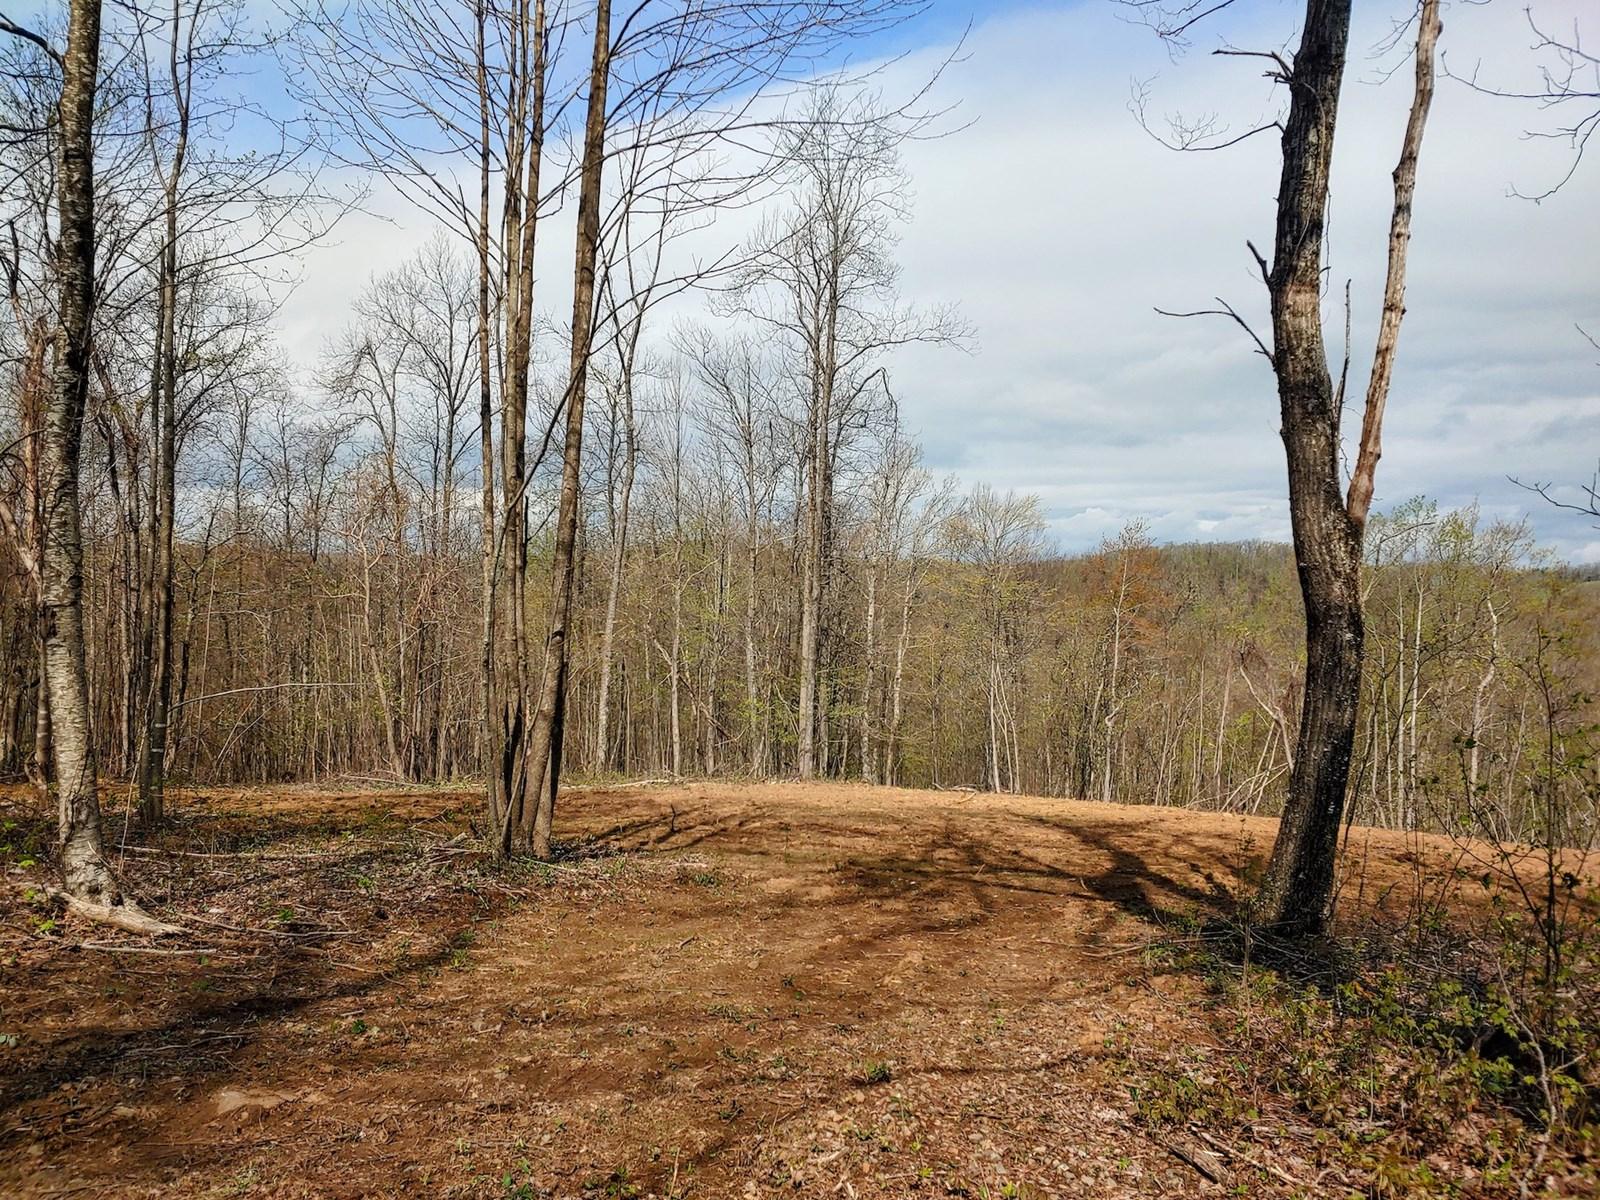 Land for Sale in Callaway VA!